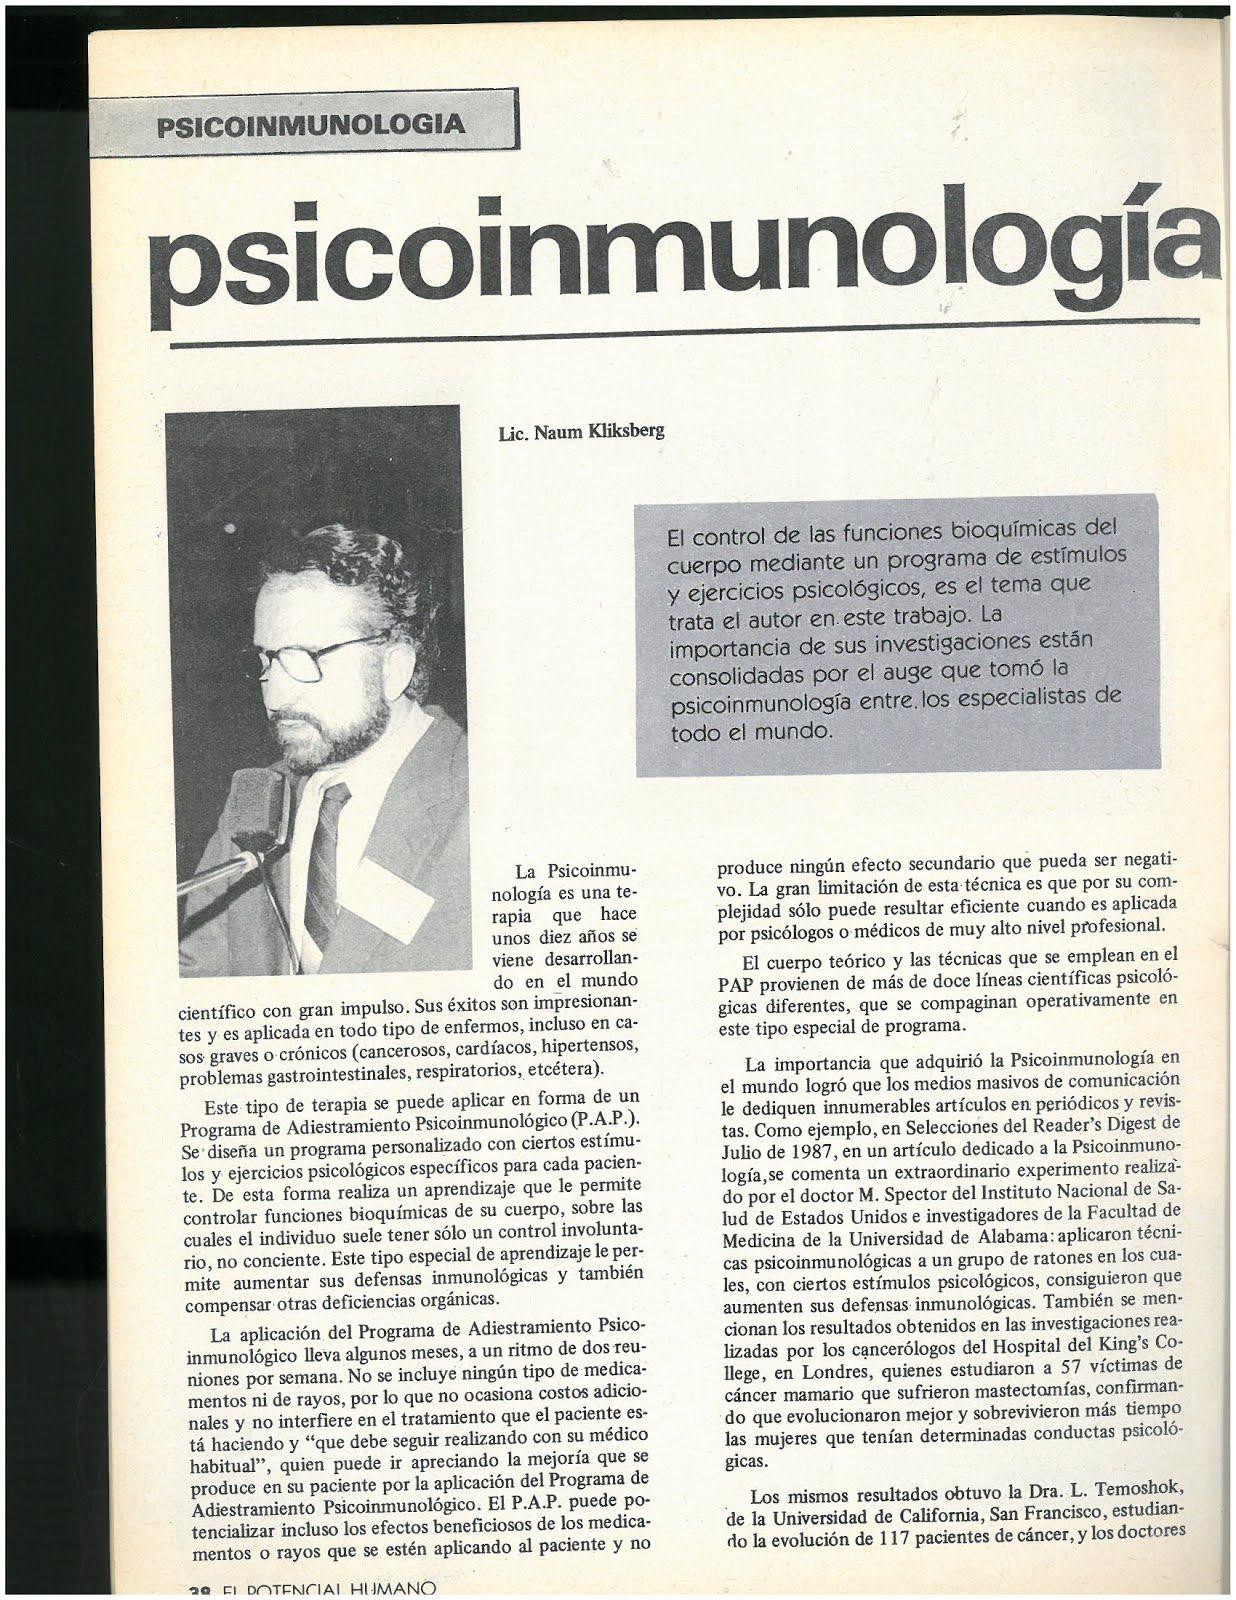 6 -Revista El potencial humano,2/1988,Argentina. ArtÍculo de Naum Kliksberg sobre Psicoinmunologia